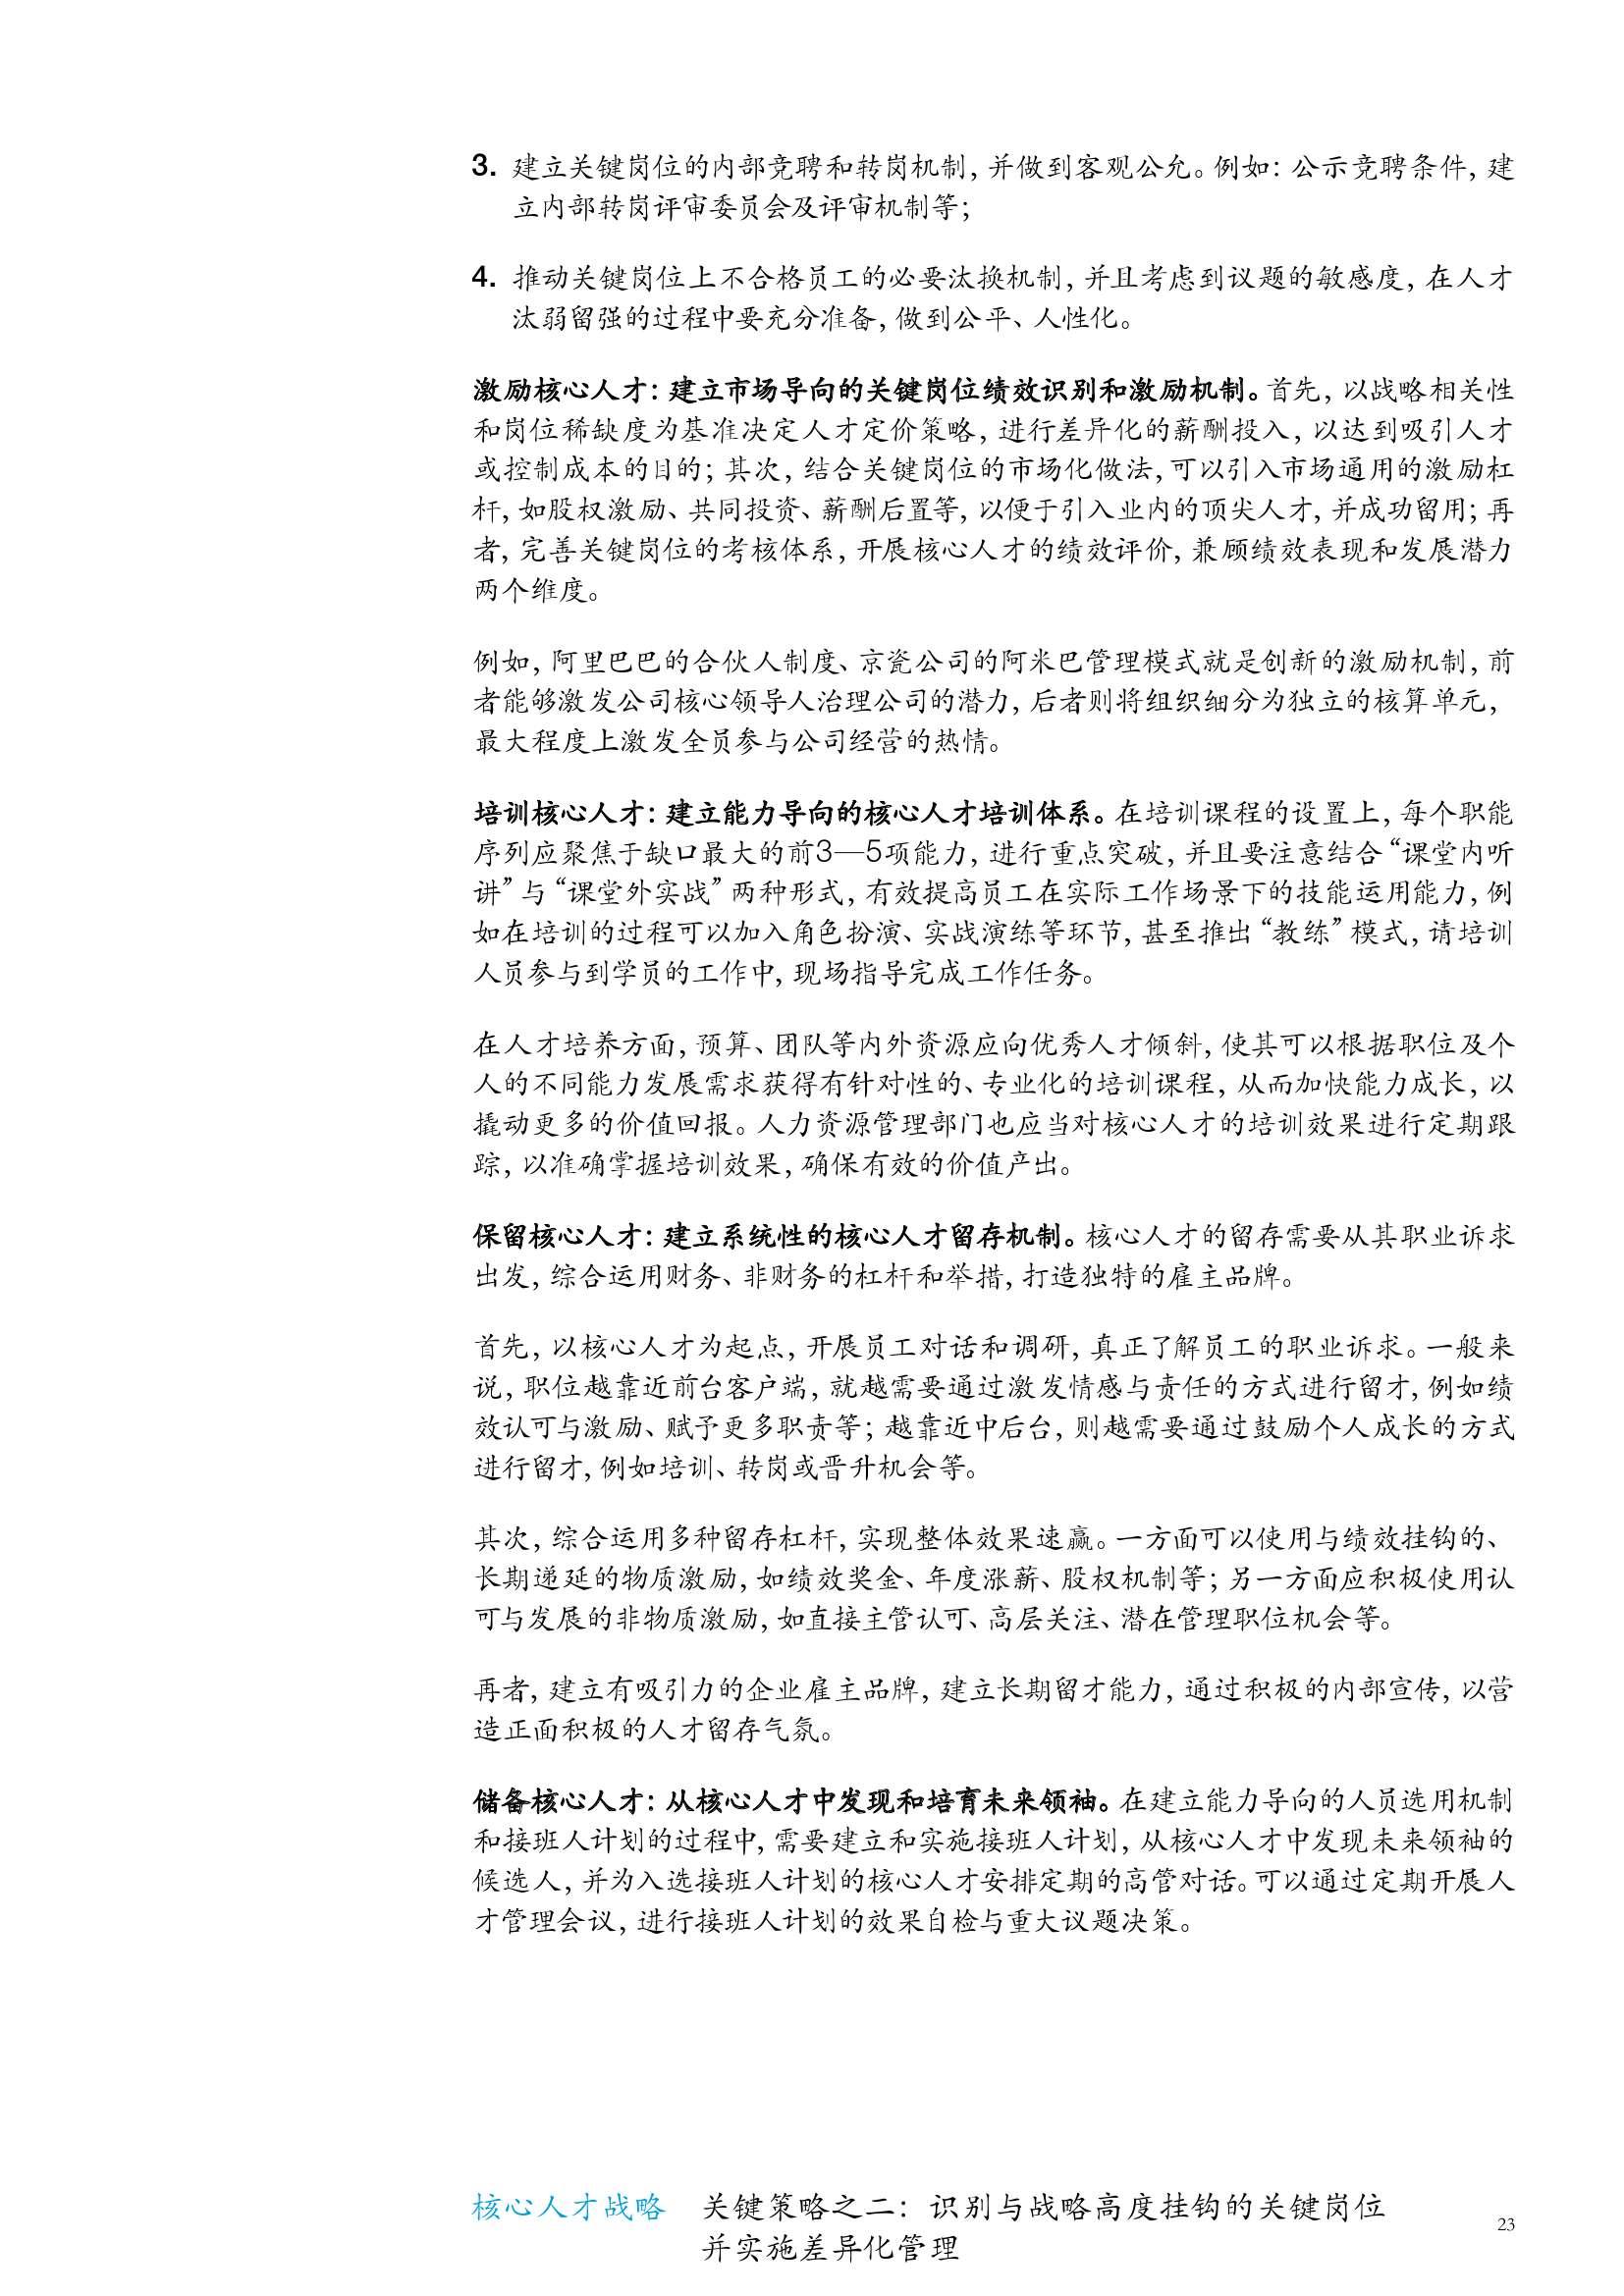 中国银行行业白皮书--核心人才战略4_000029